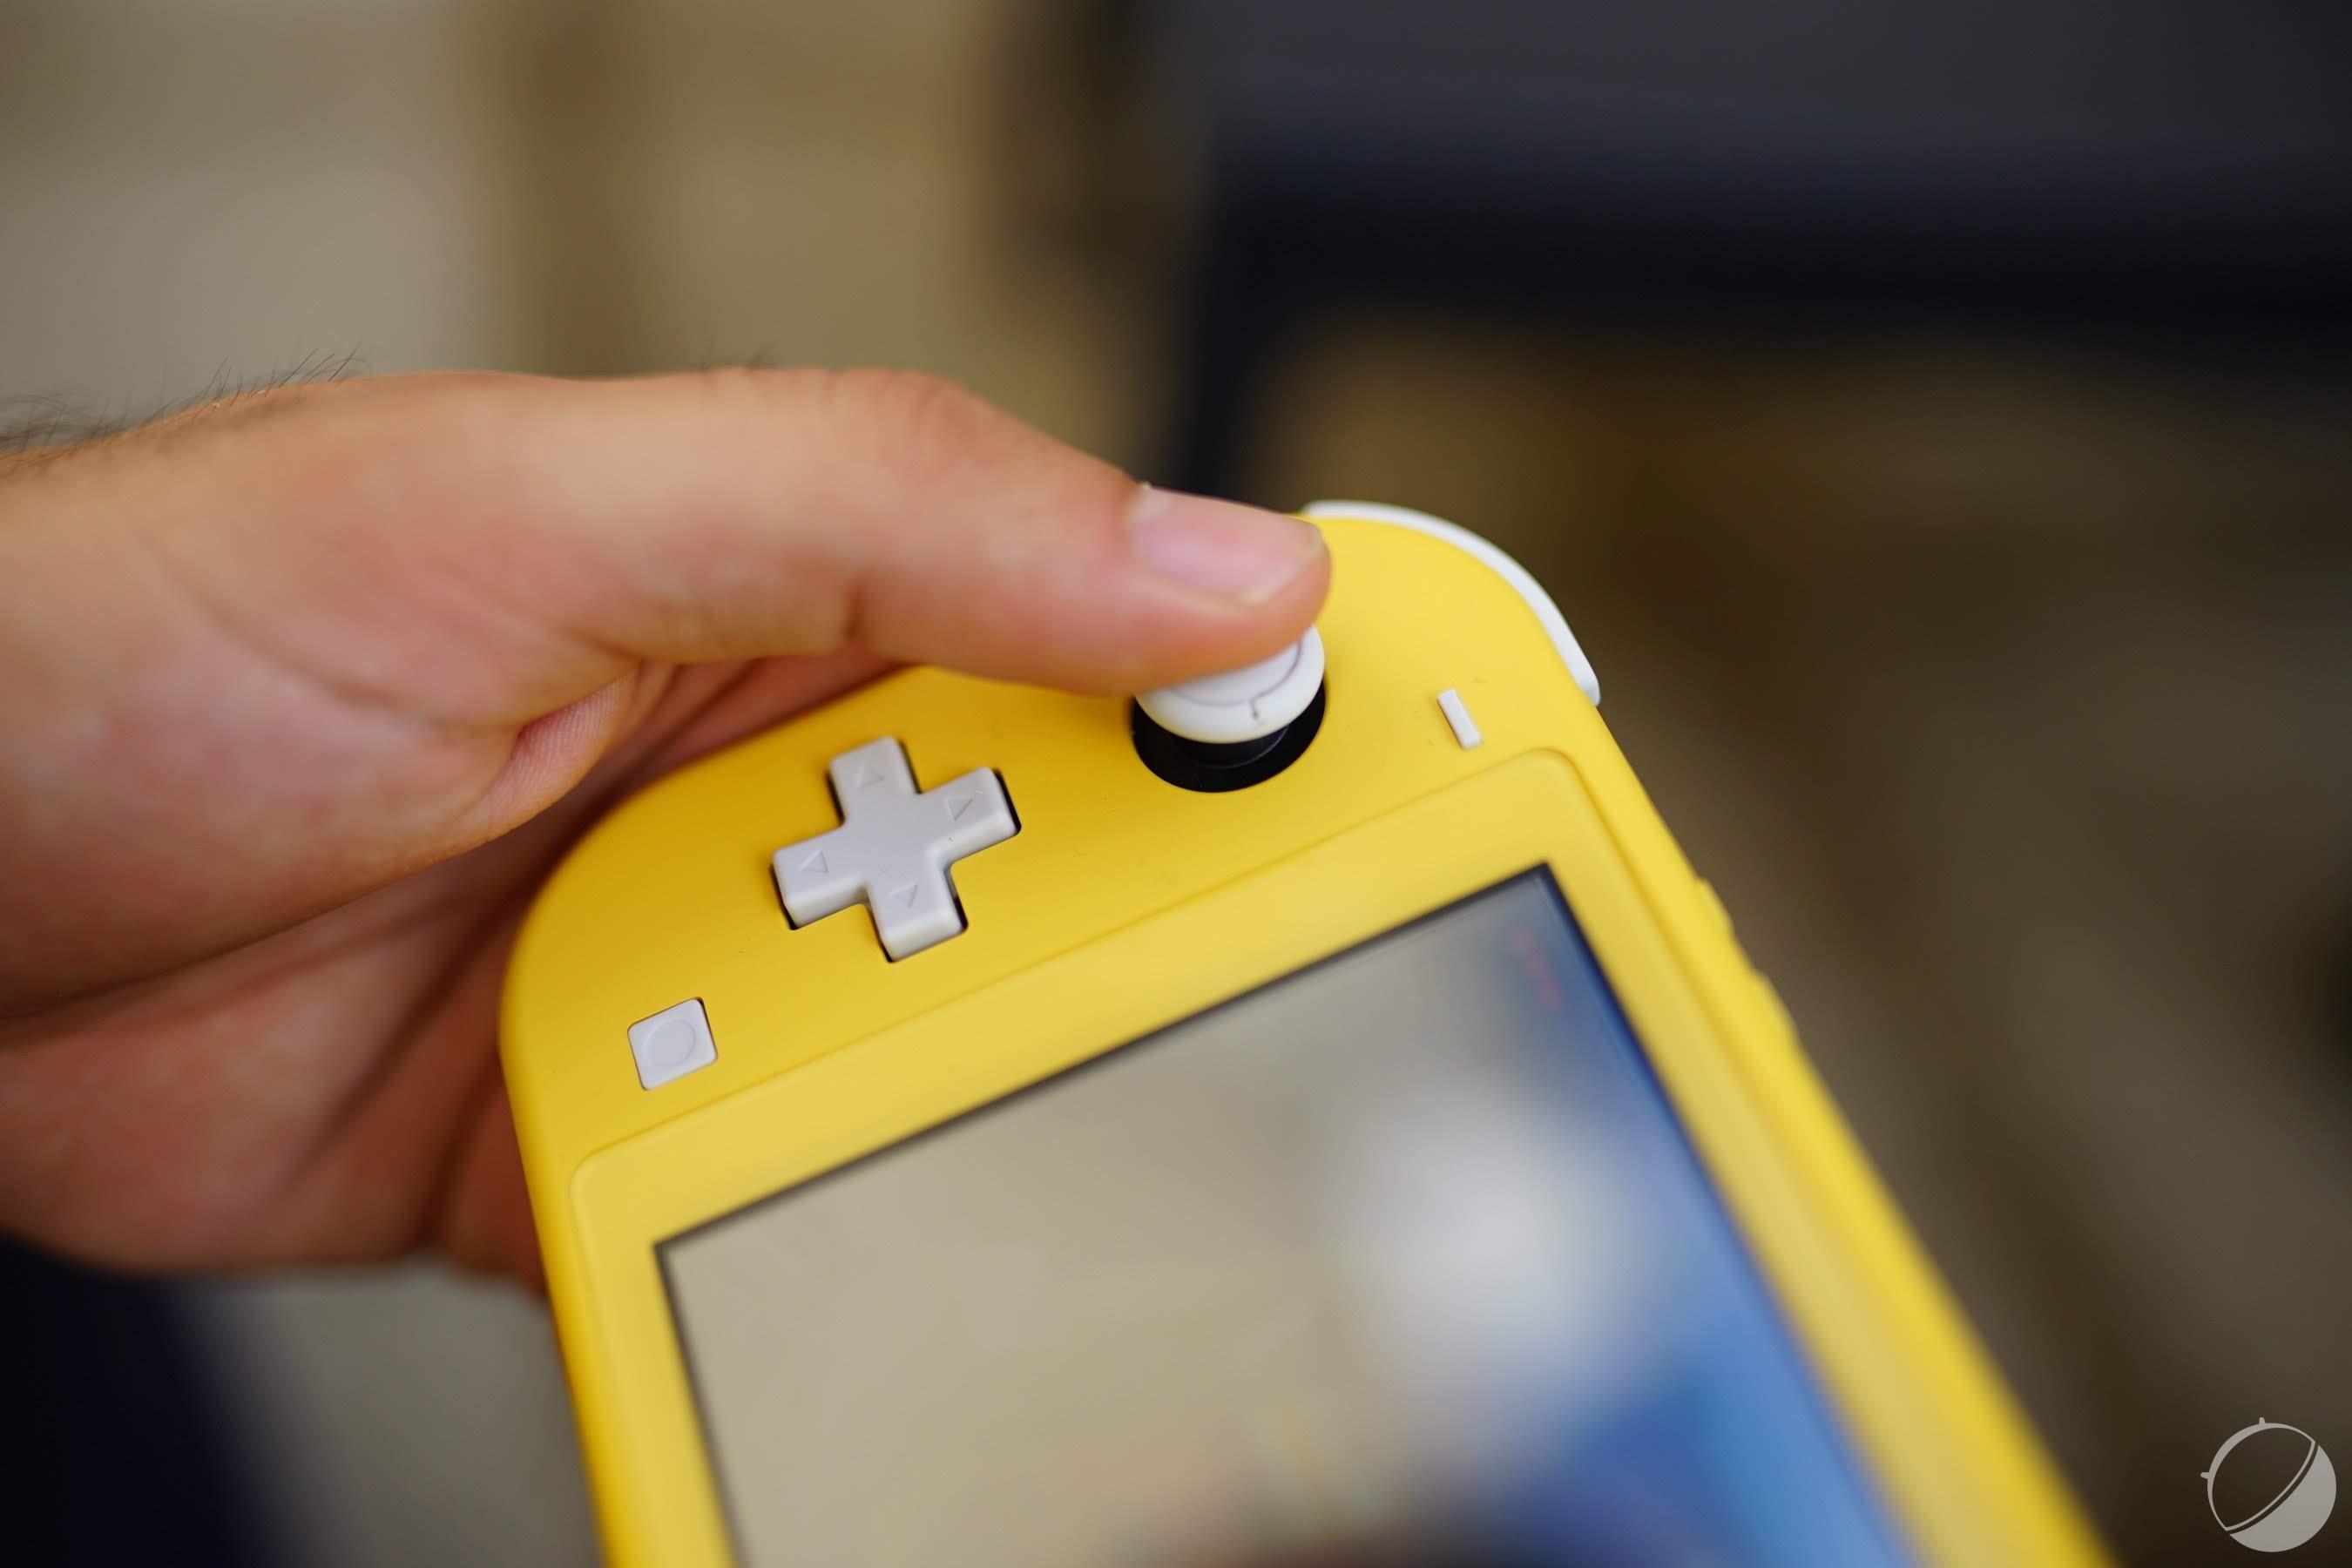 Molotov et Xavier Niel, mini-jeux de Chrome et Nintendo Switch – Tech'spresso